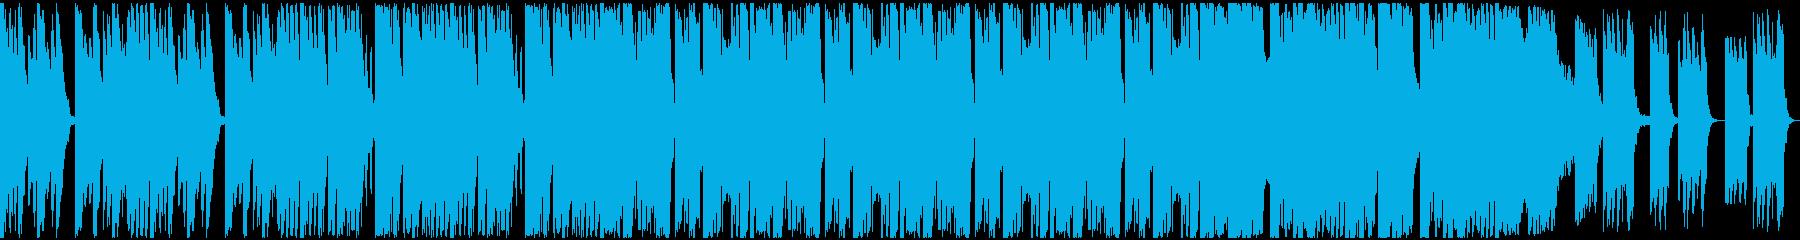 エレクトロ フューチャーベースの再生済みの波形